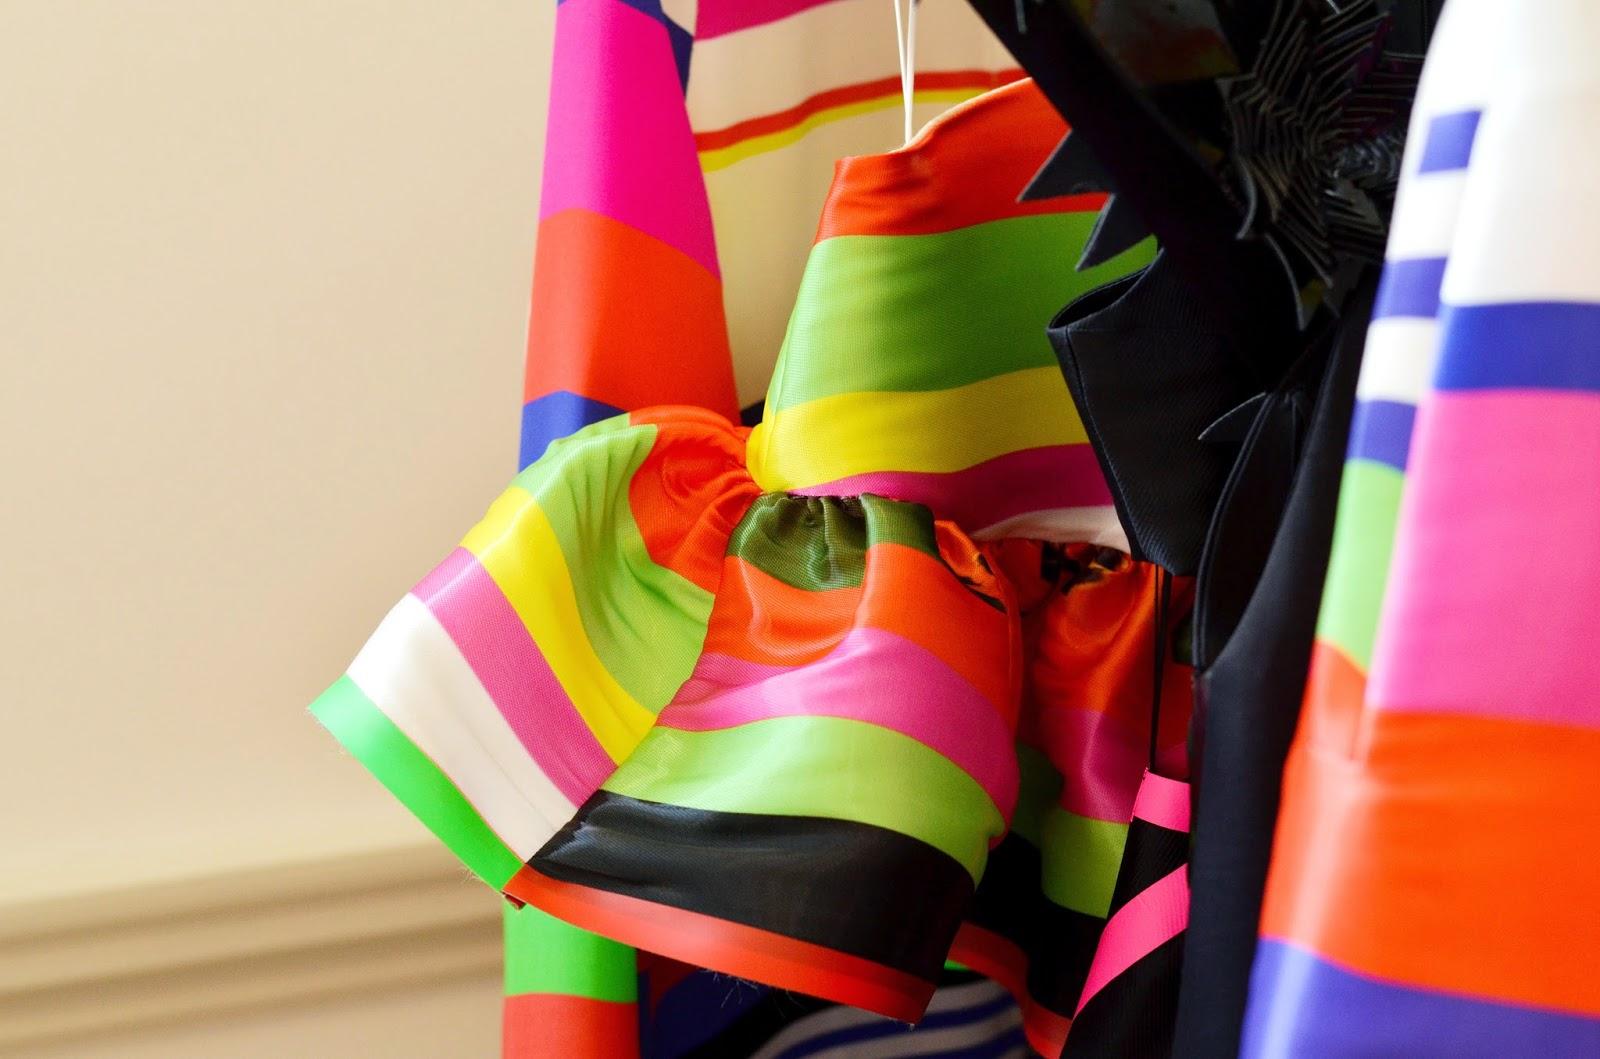 London Fashion Week Designers Showrooms